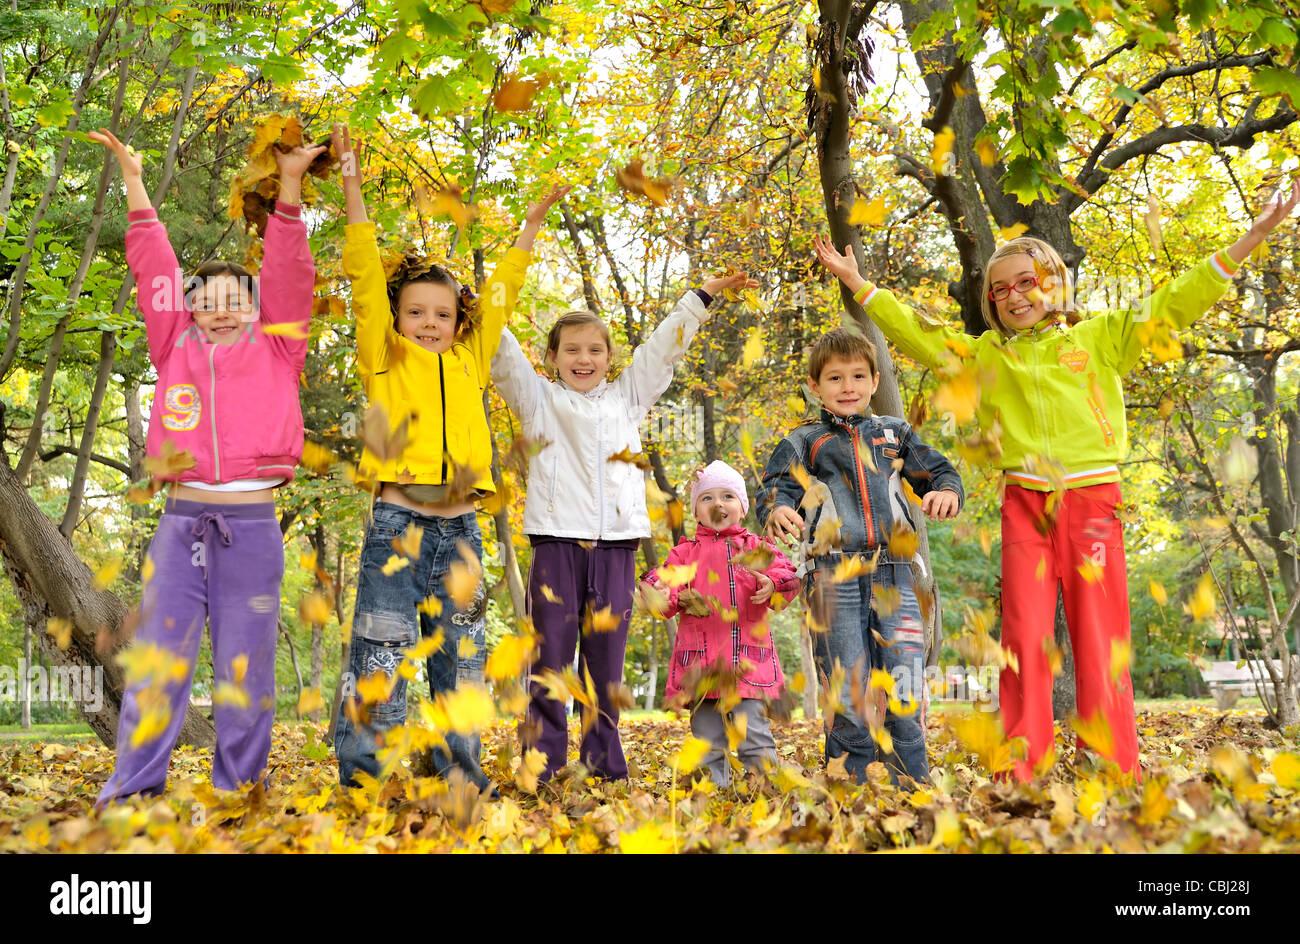 Niños jugando con hojas Imagen De Stock